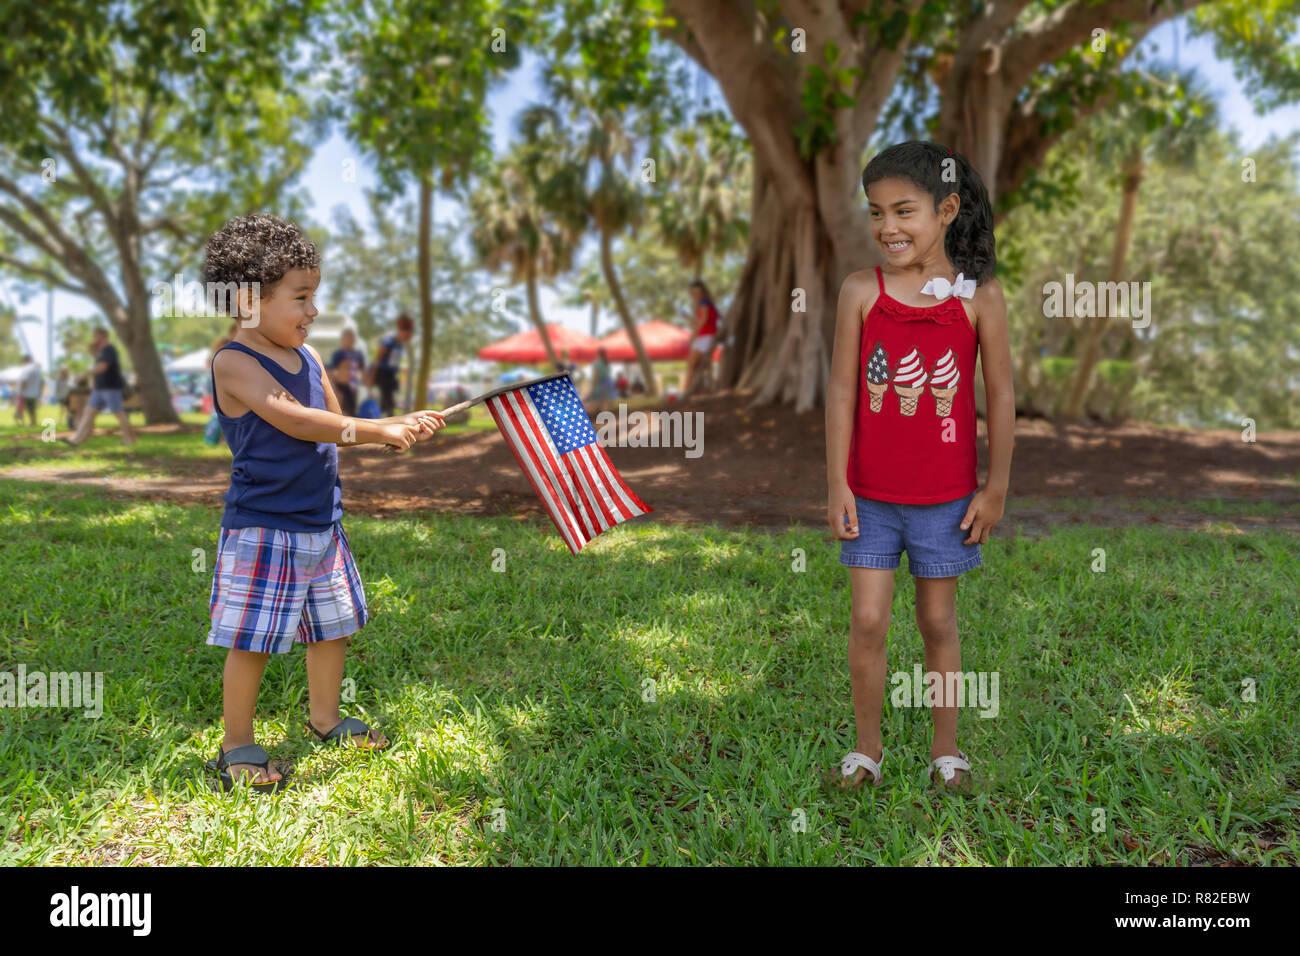 Ispanico fratello e sorella gioca alla comunità del parco sotto l'ombra di un grande albero come egli tiene la bandiera americana attaccato ad un bastone. Immagini Stock